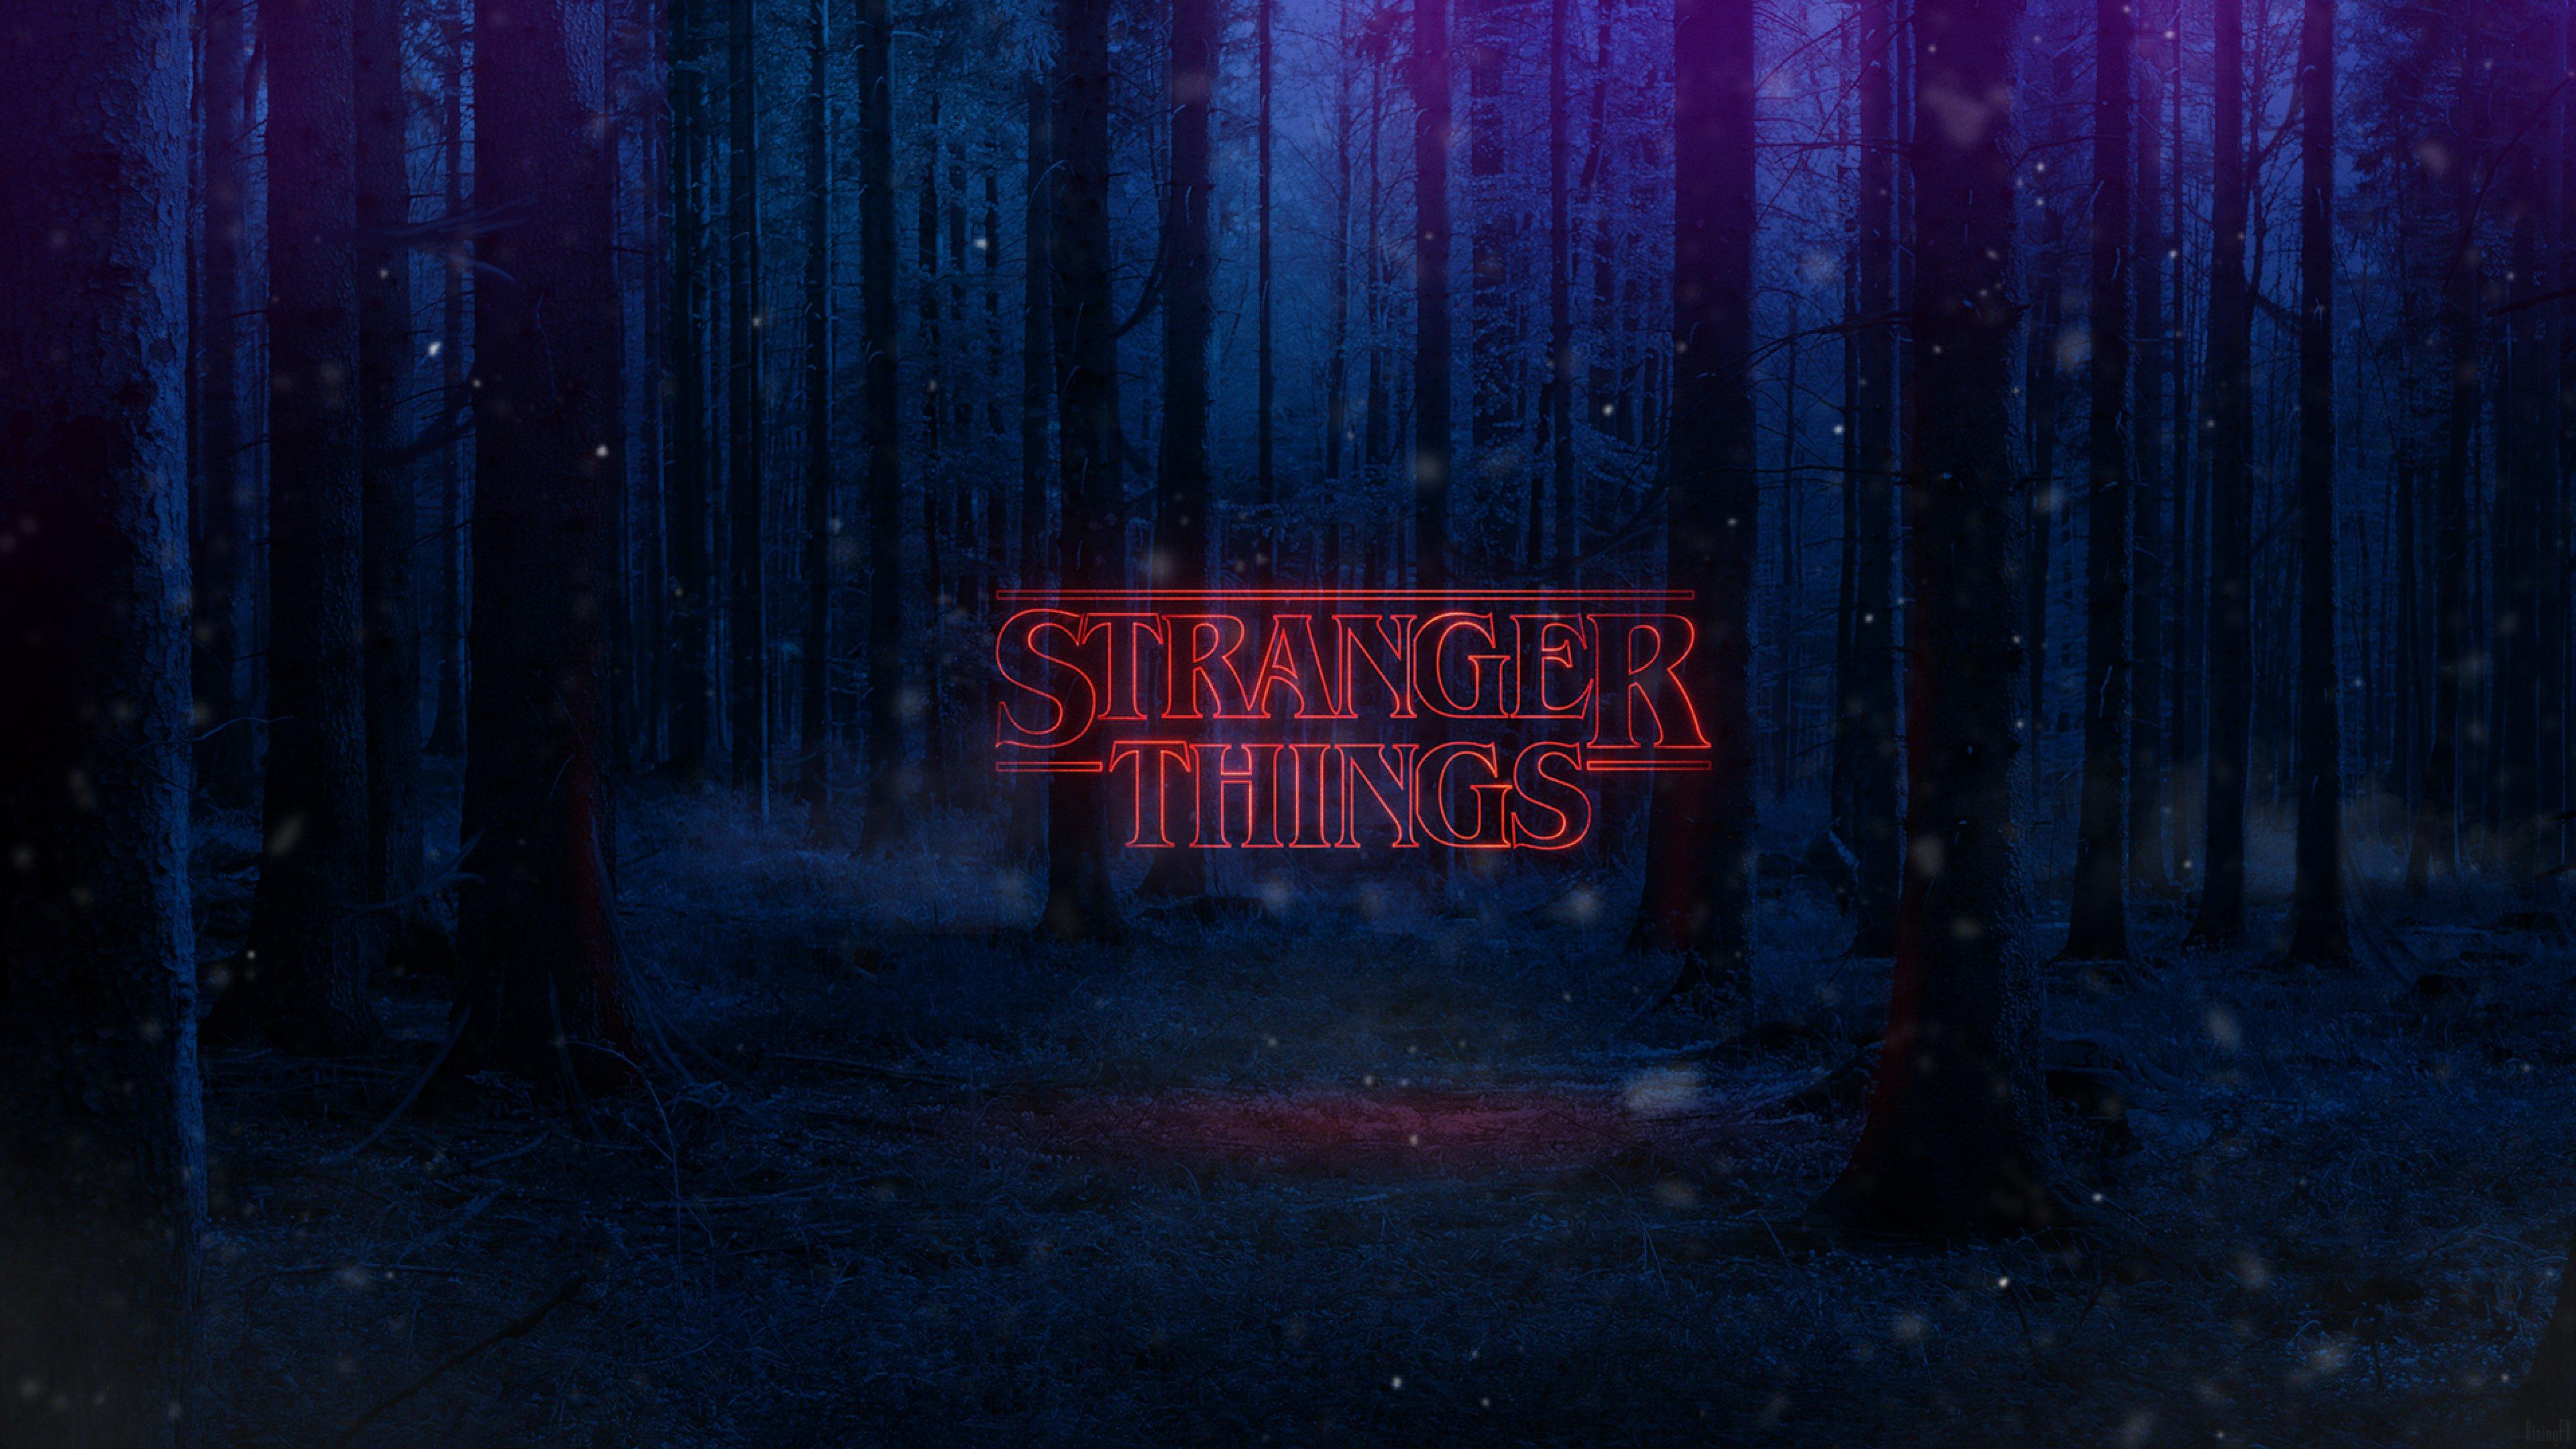 Stranger Things Bosque Logo Netflix Fondo De Pantalla 4k